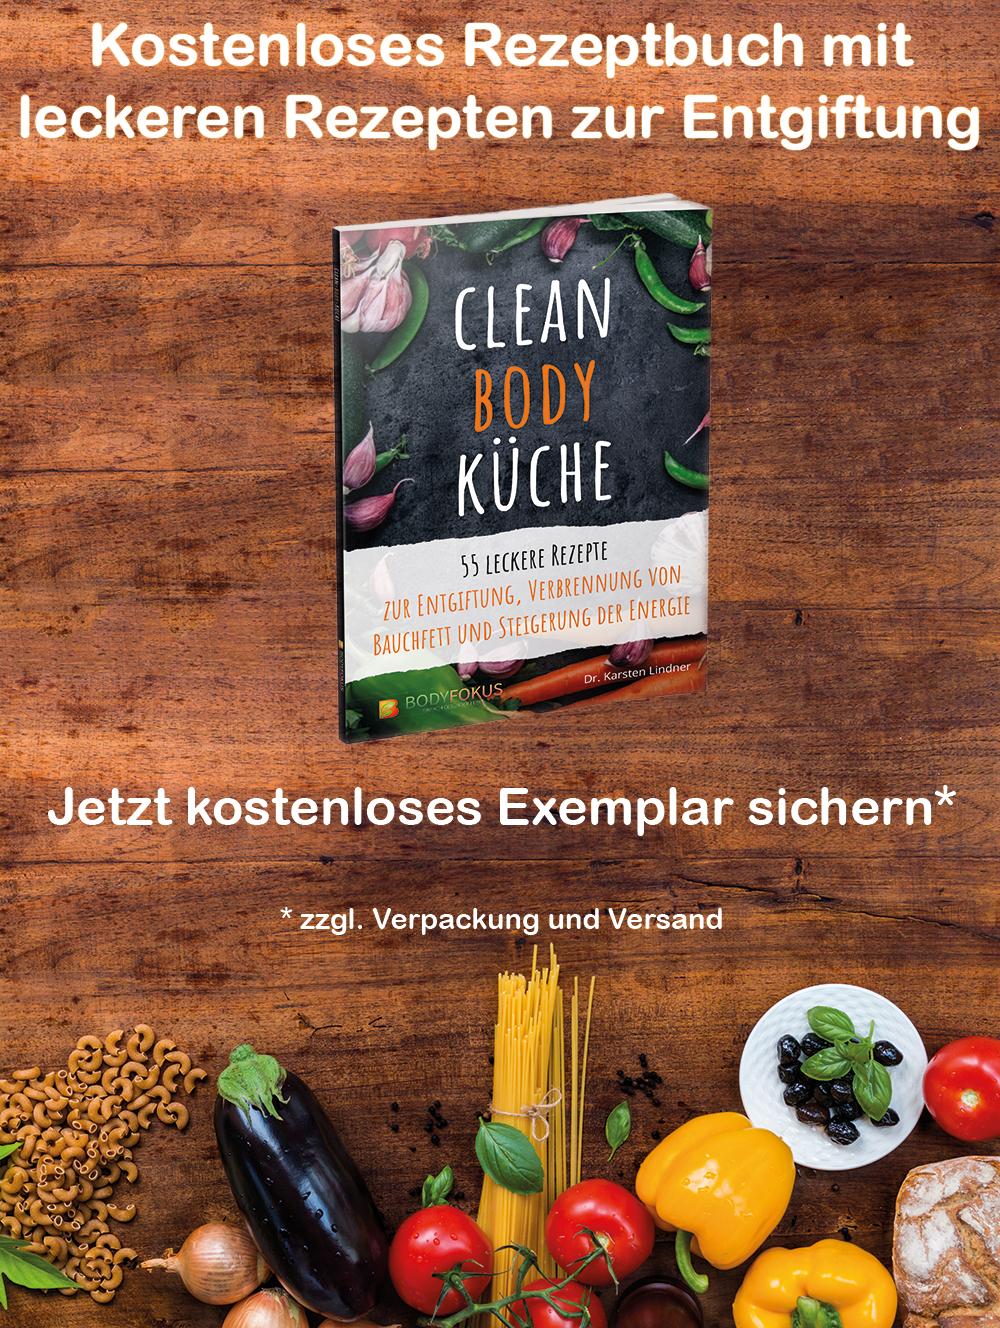 Sichern Sie Sich Ihre Kostenlose Ausgabe Von Clean Body Kuche 55 Leckere Rezepte Zur Entgiftung Des Korpers Rezepte Gesunde Ernahrung Abnehmen Krauterkuche